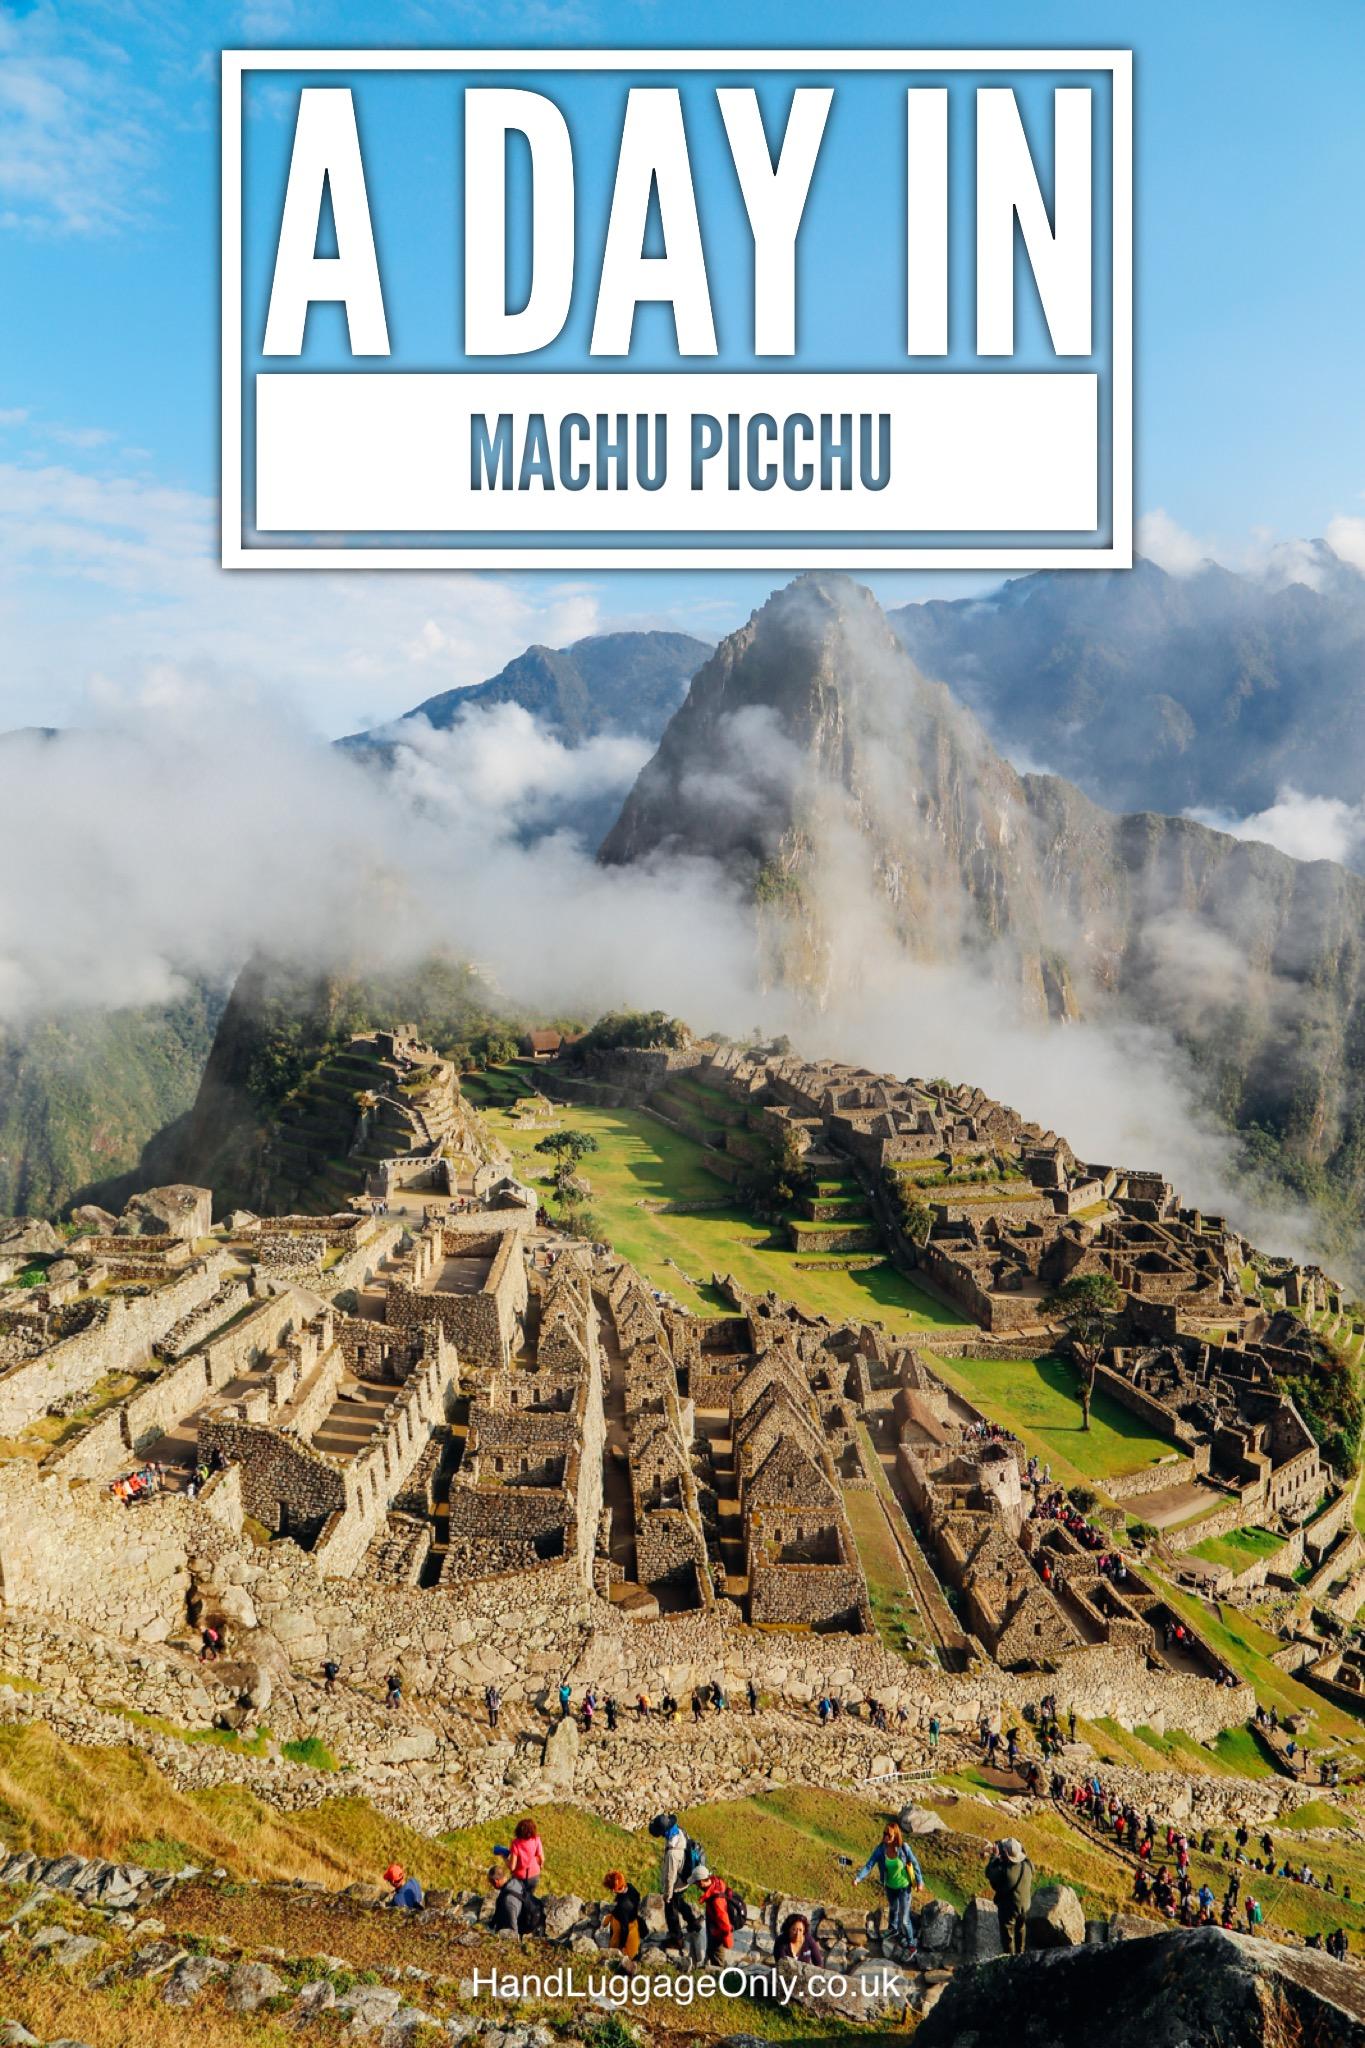 A Day In Machu Picchu... And Hiking The Impressive Huayna Picchu Mountain, Peru (1)